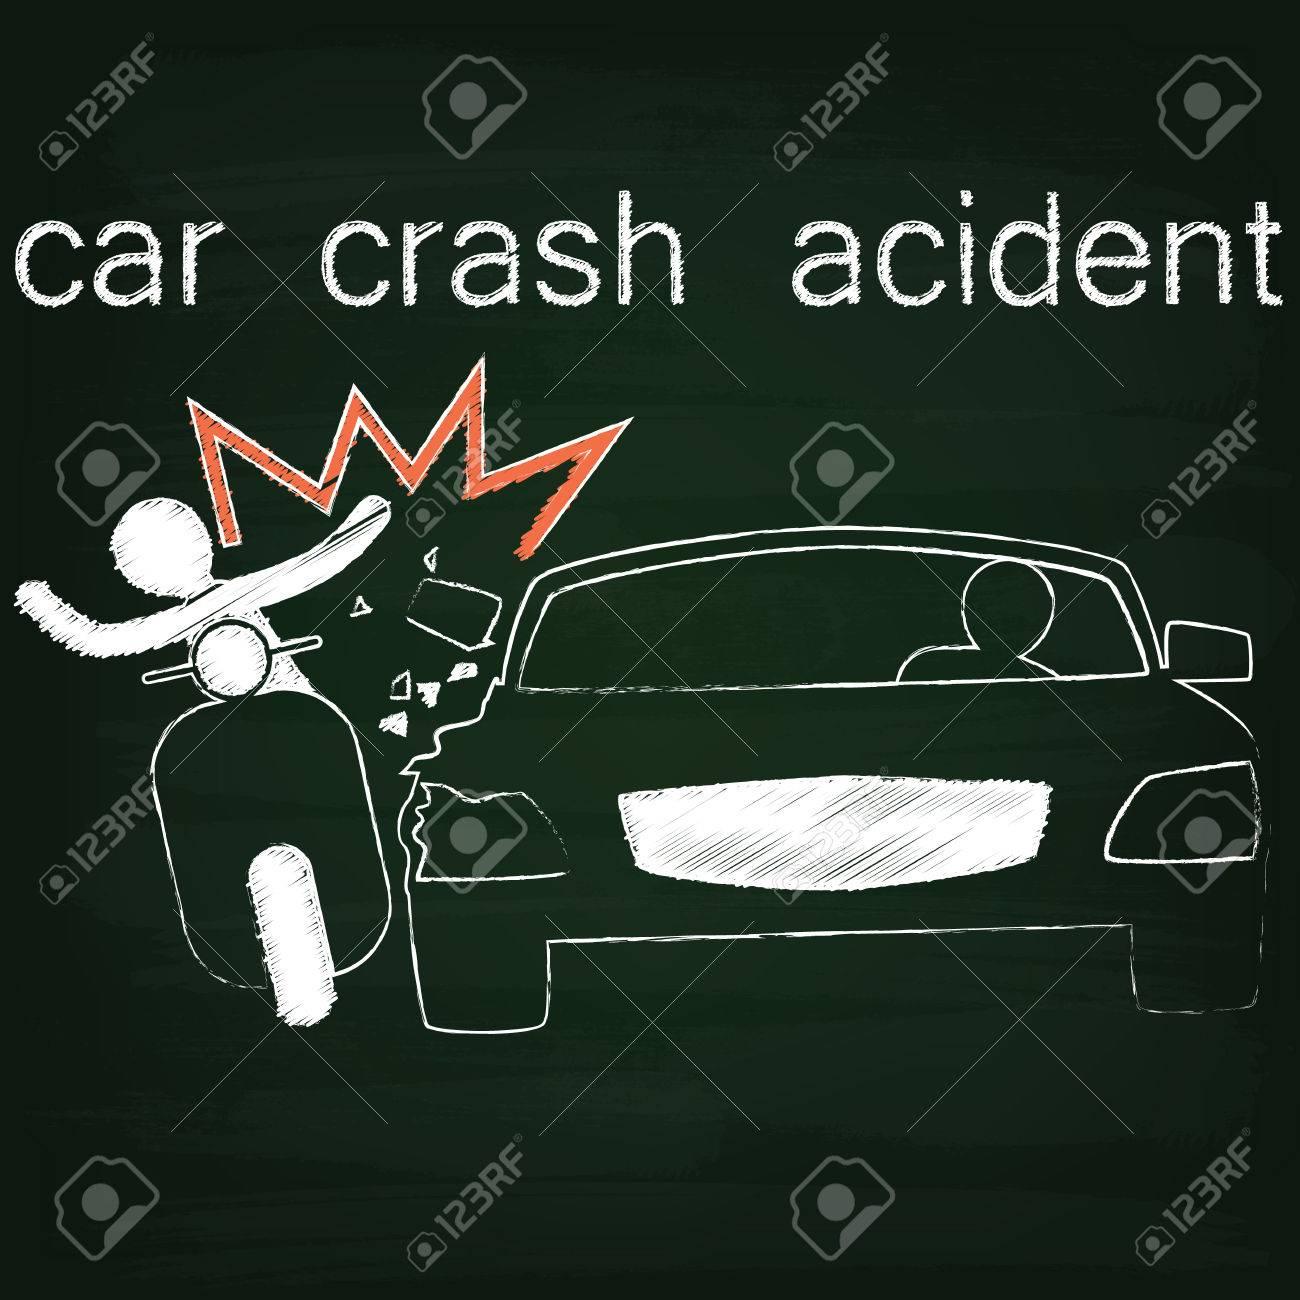 Anmeldung Für Autounfall Unfall Auf Side Kollision Zwischen Pkw Und ...